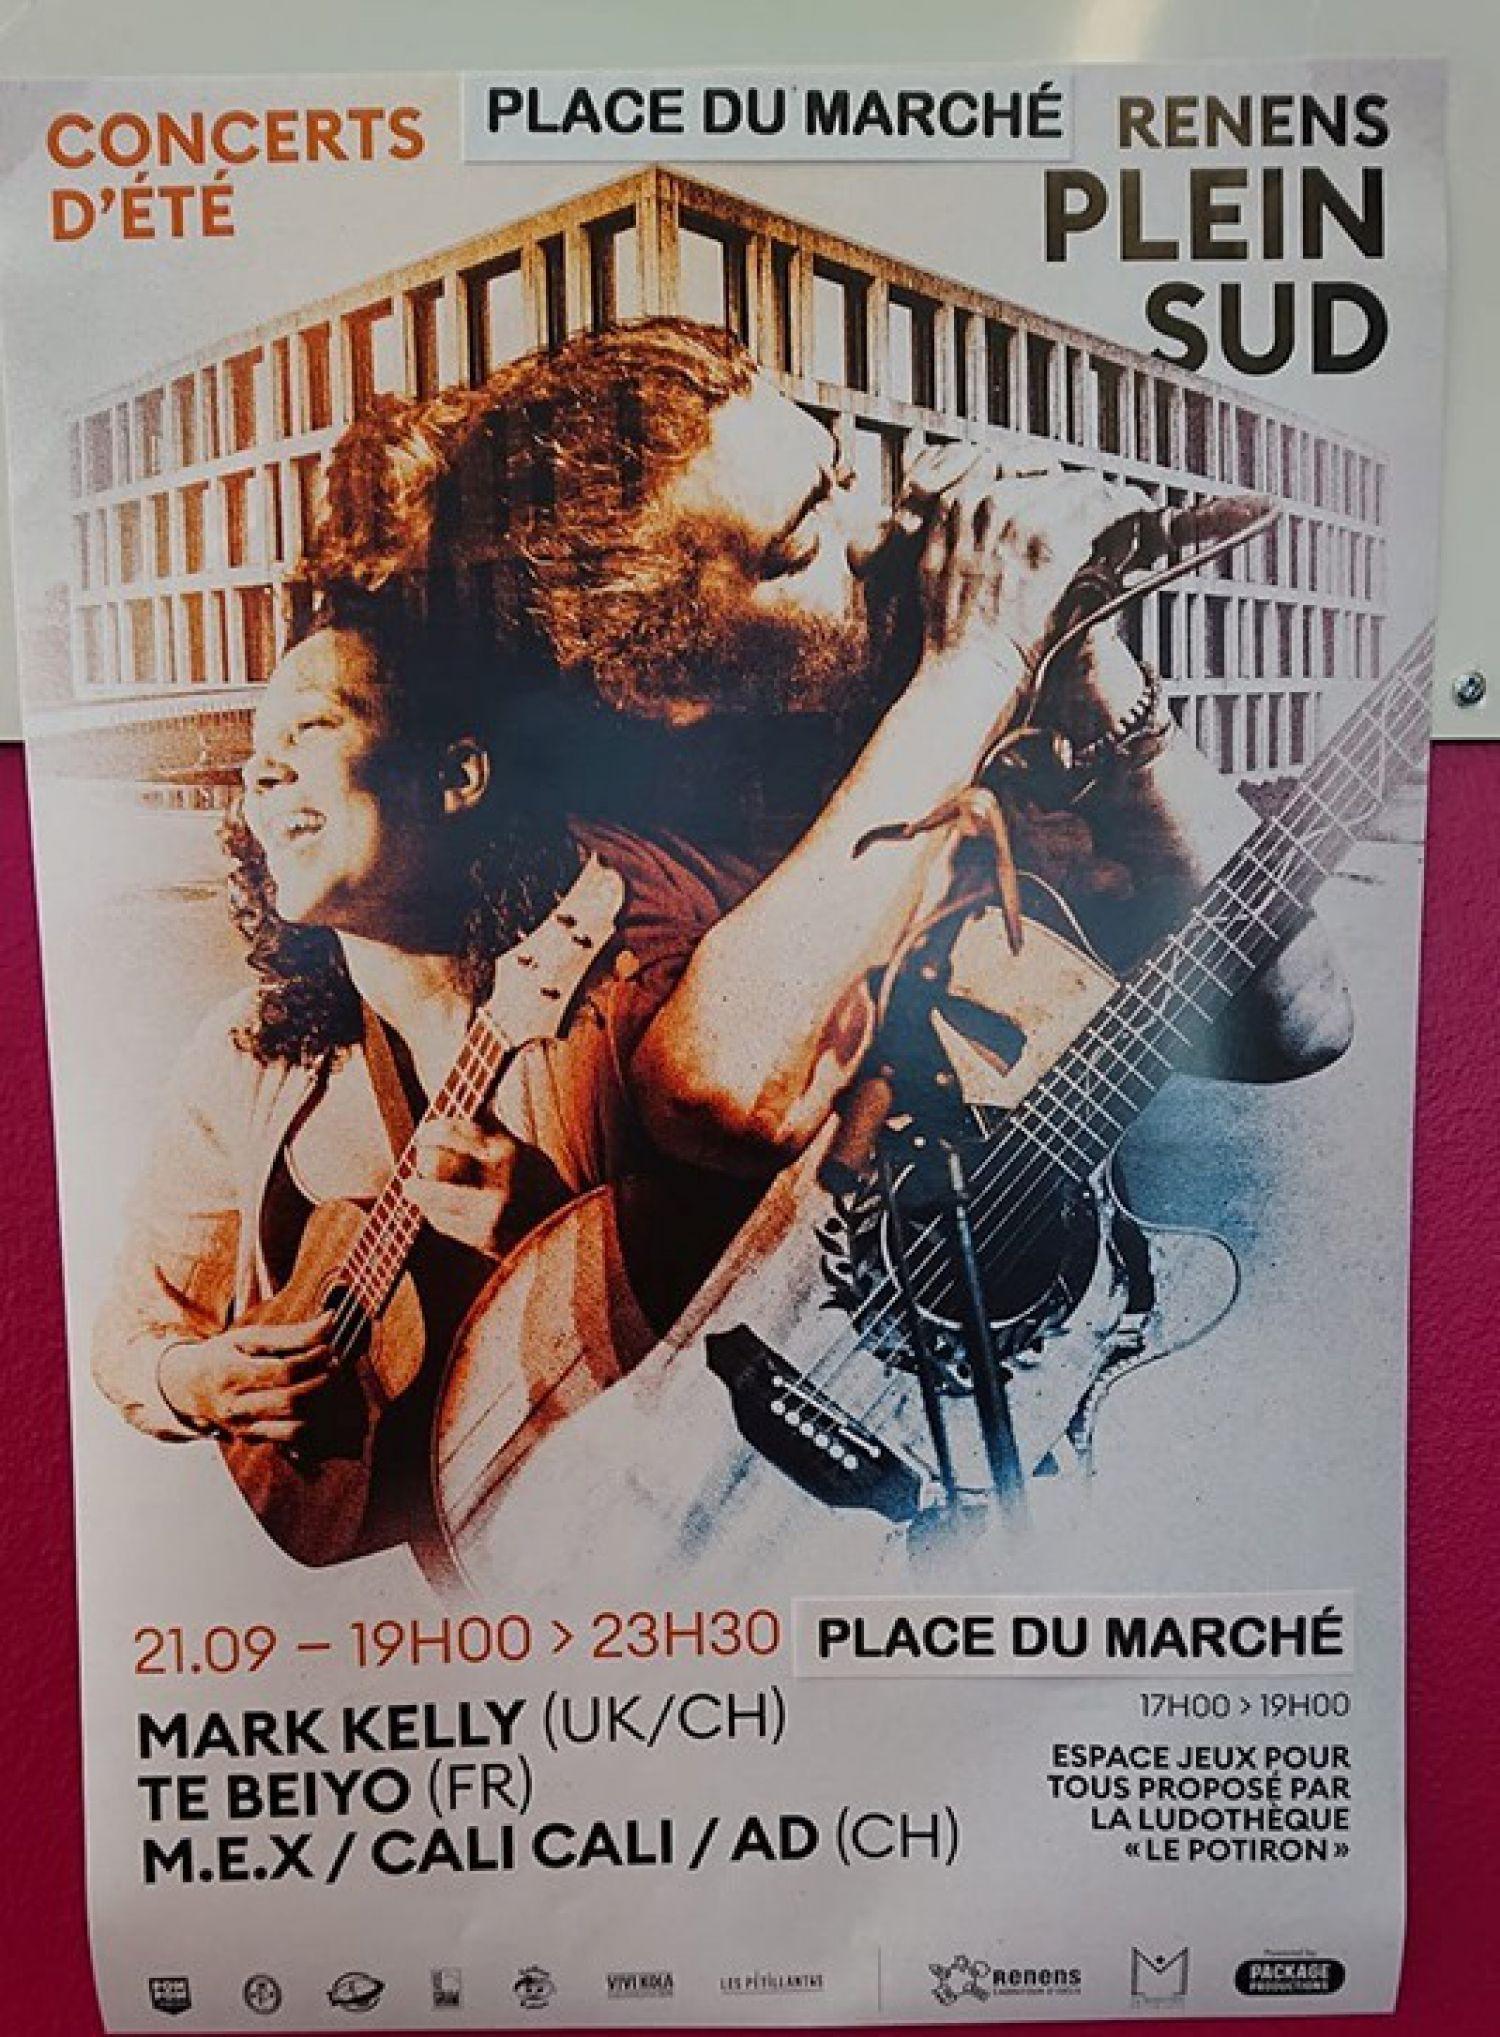 Concert d'été sur la Place du Marché